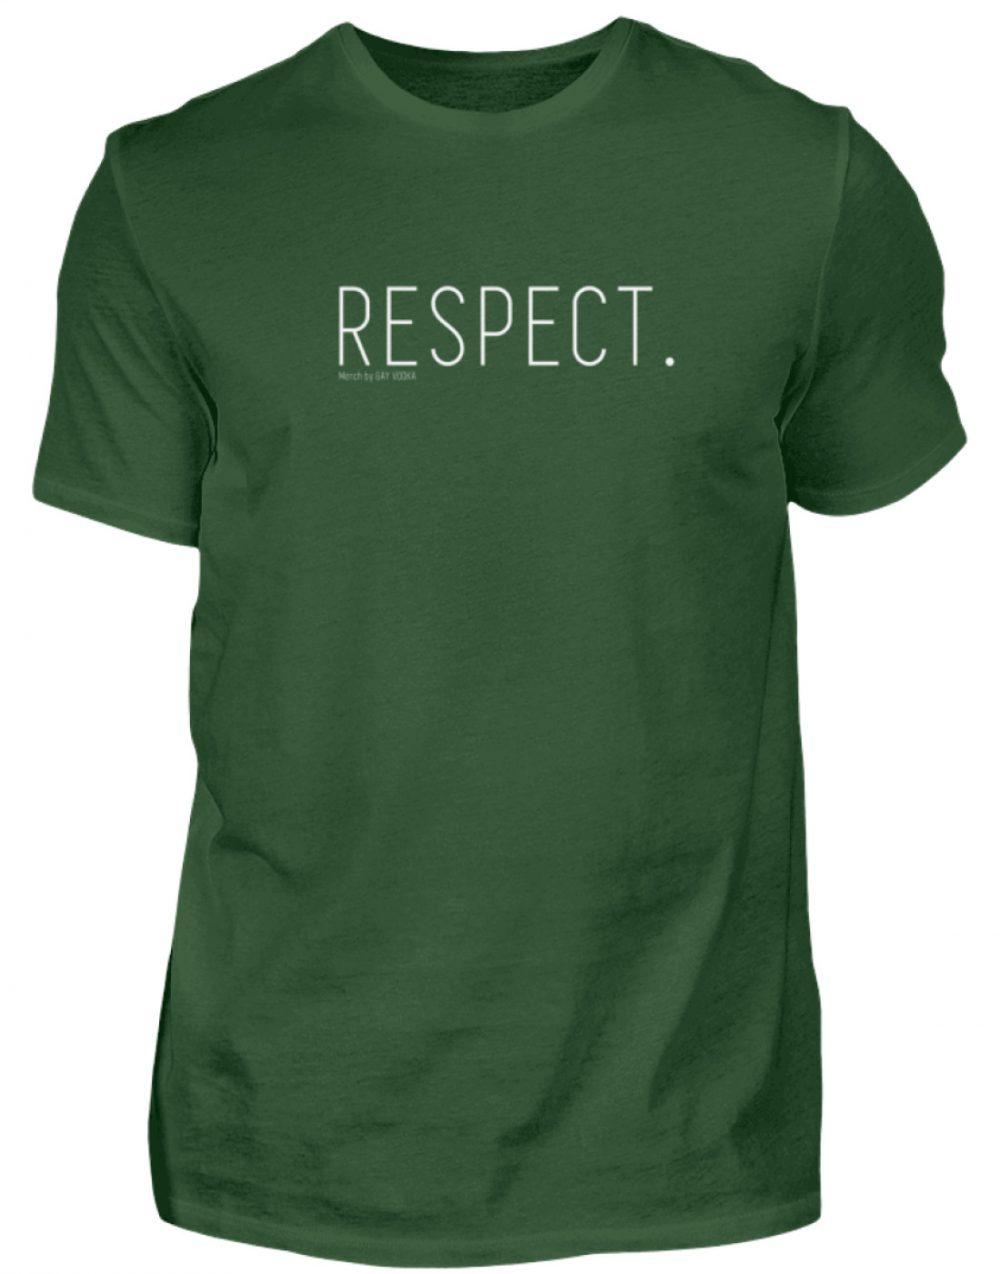 RESPECT. - Herren Premiumshirt-2936